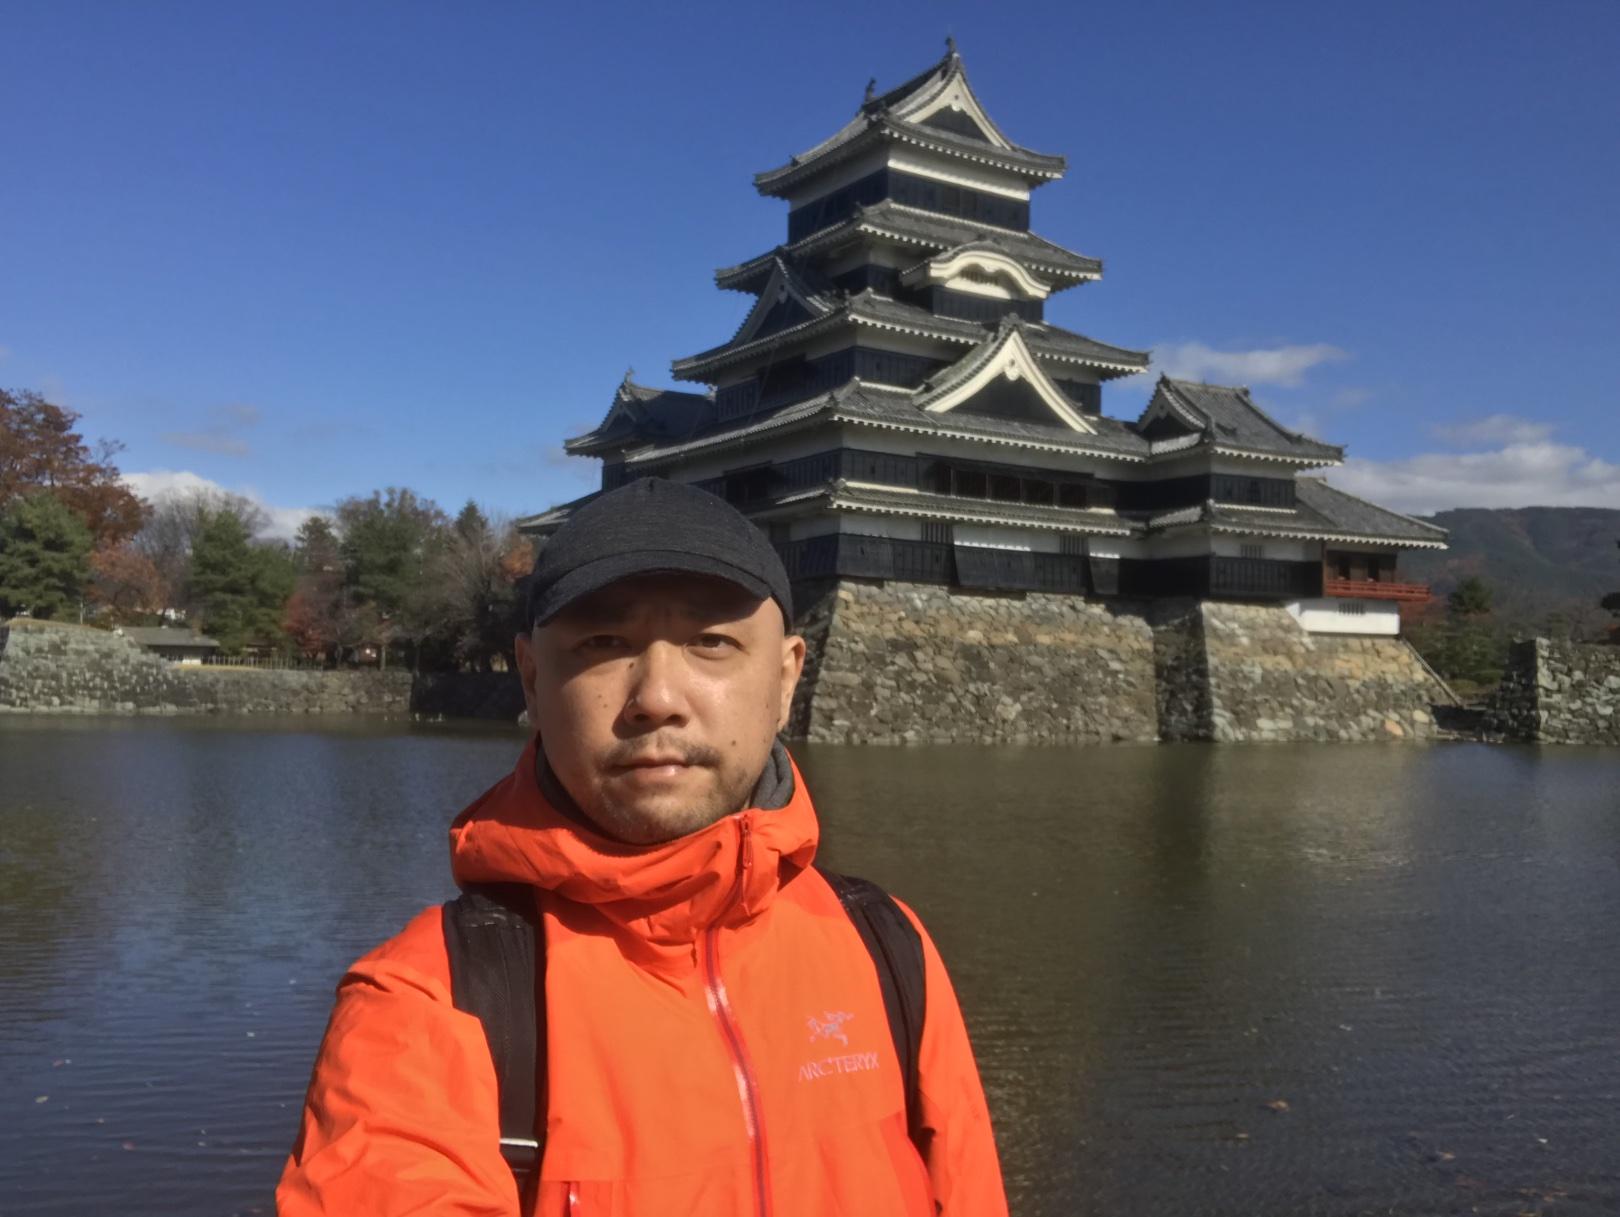 友だちの結婚式で 11 月の松本に行ったときに ARC'TERYX のゴアテックスジャケットを着ている著者。松本の街は晴れの氷点下で、このとき着るべきはゴアテックスジャケットではなく中綿入りのジャケットだった。